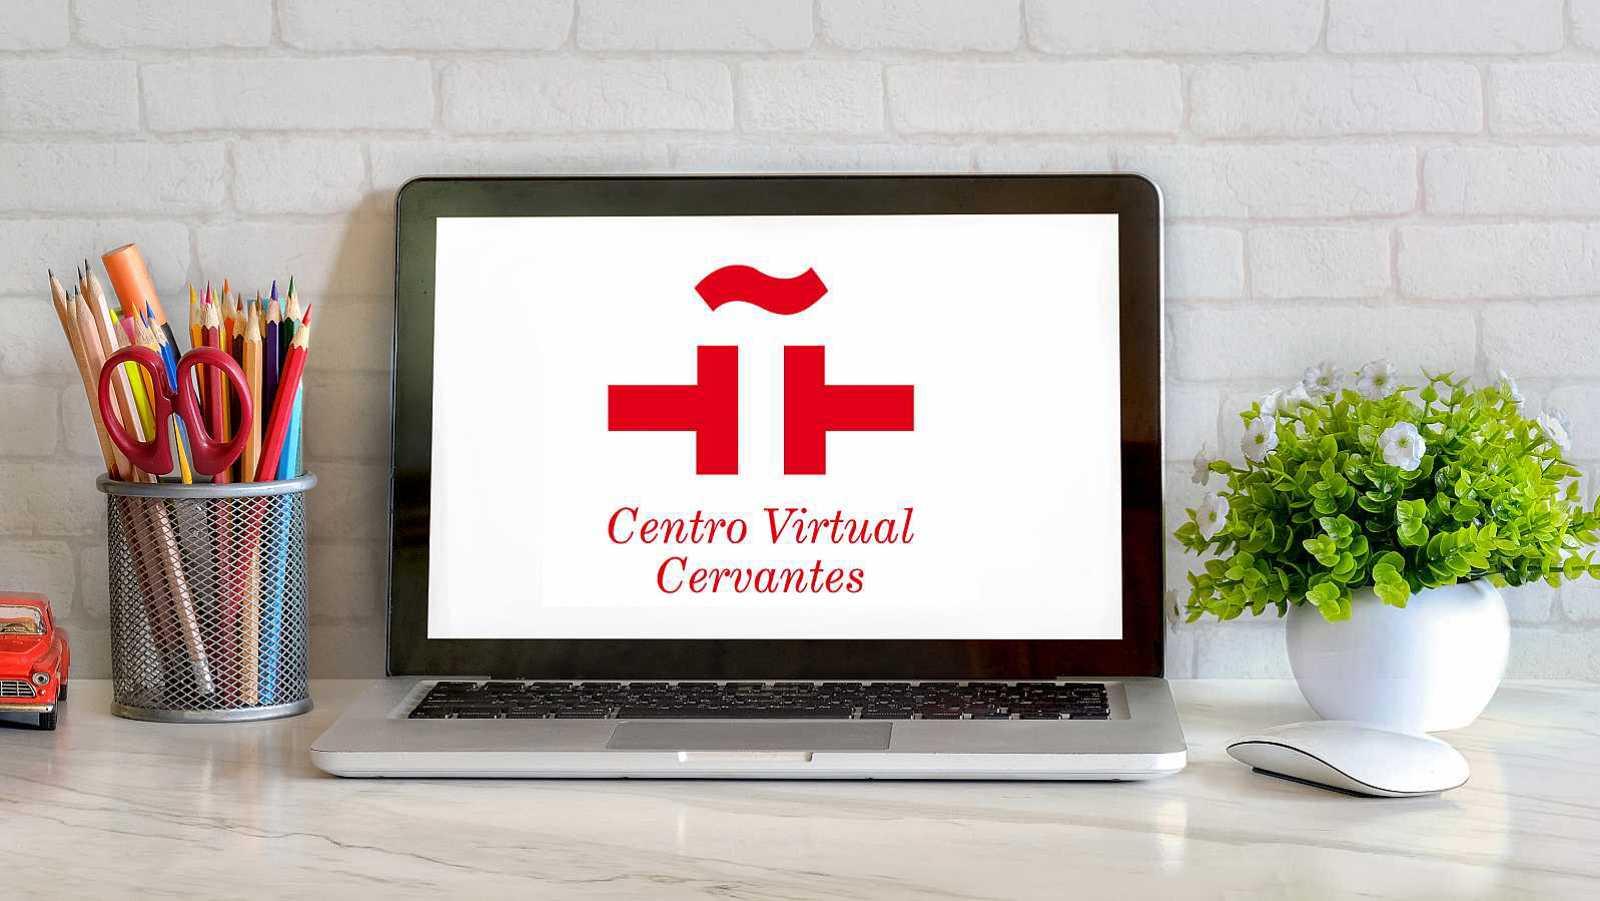 Un idioma sin fronteras - El Centro Virtual Cervantes, con Miguel Marañón - 19/09/20 - escuchar ahora